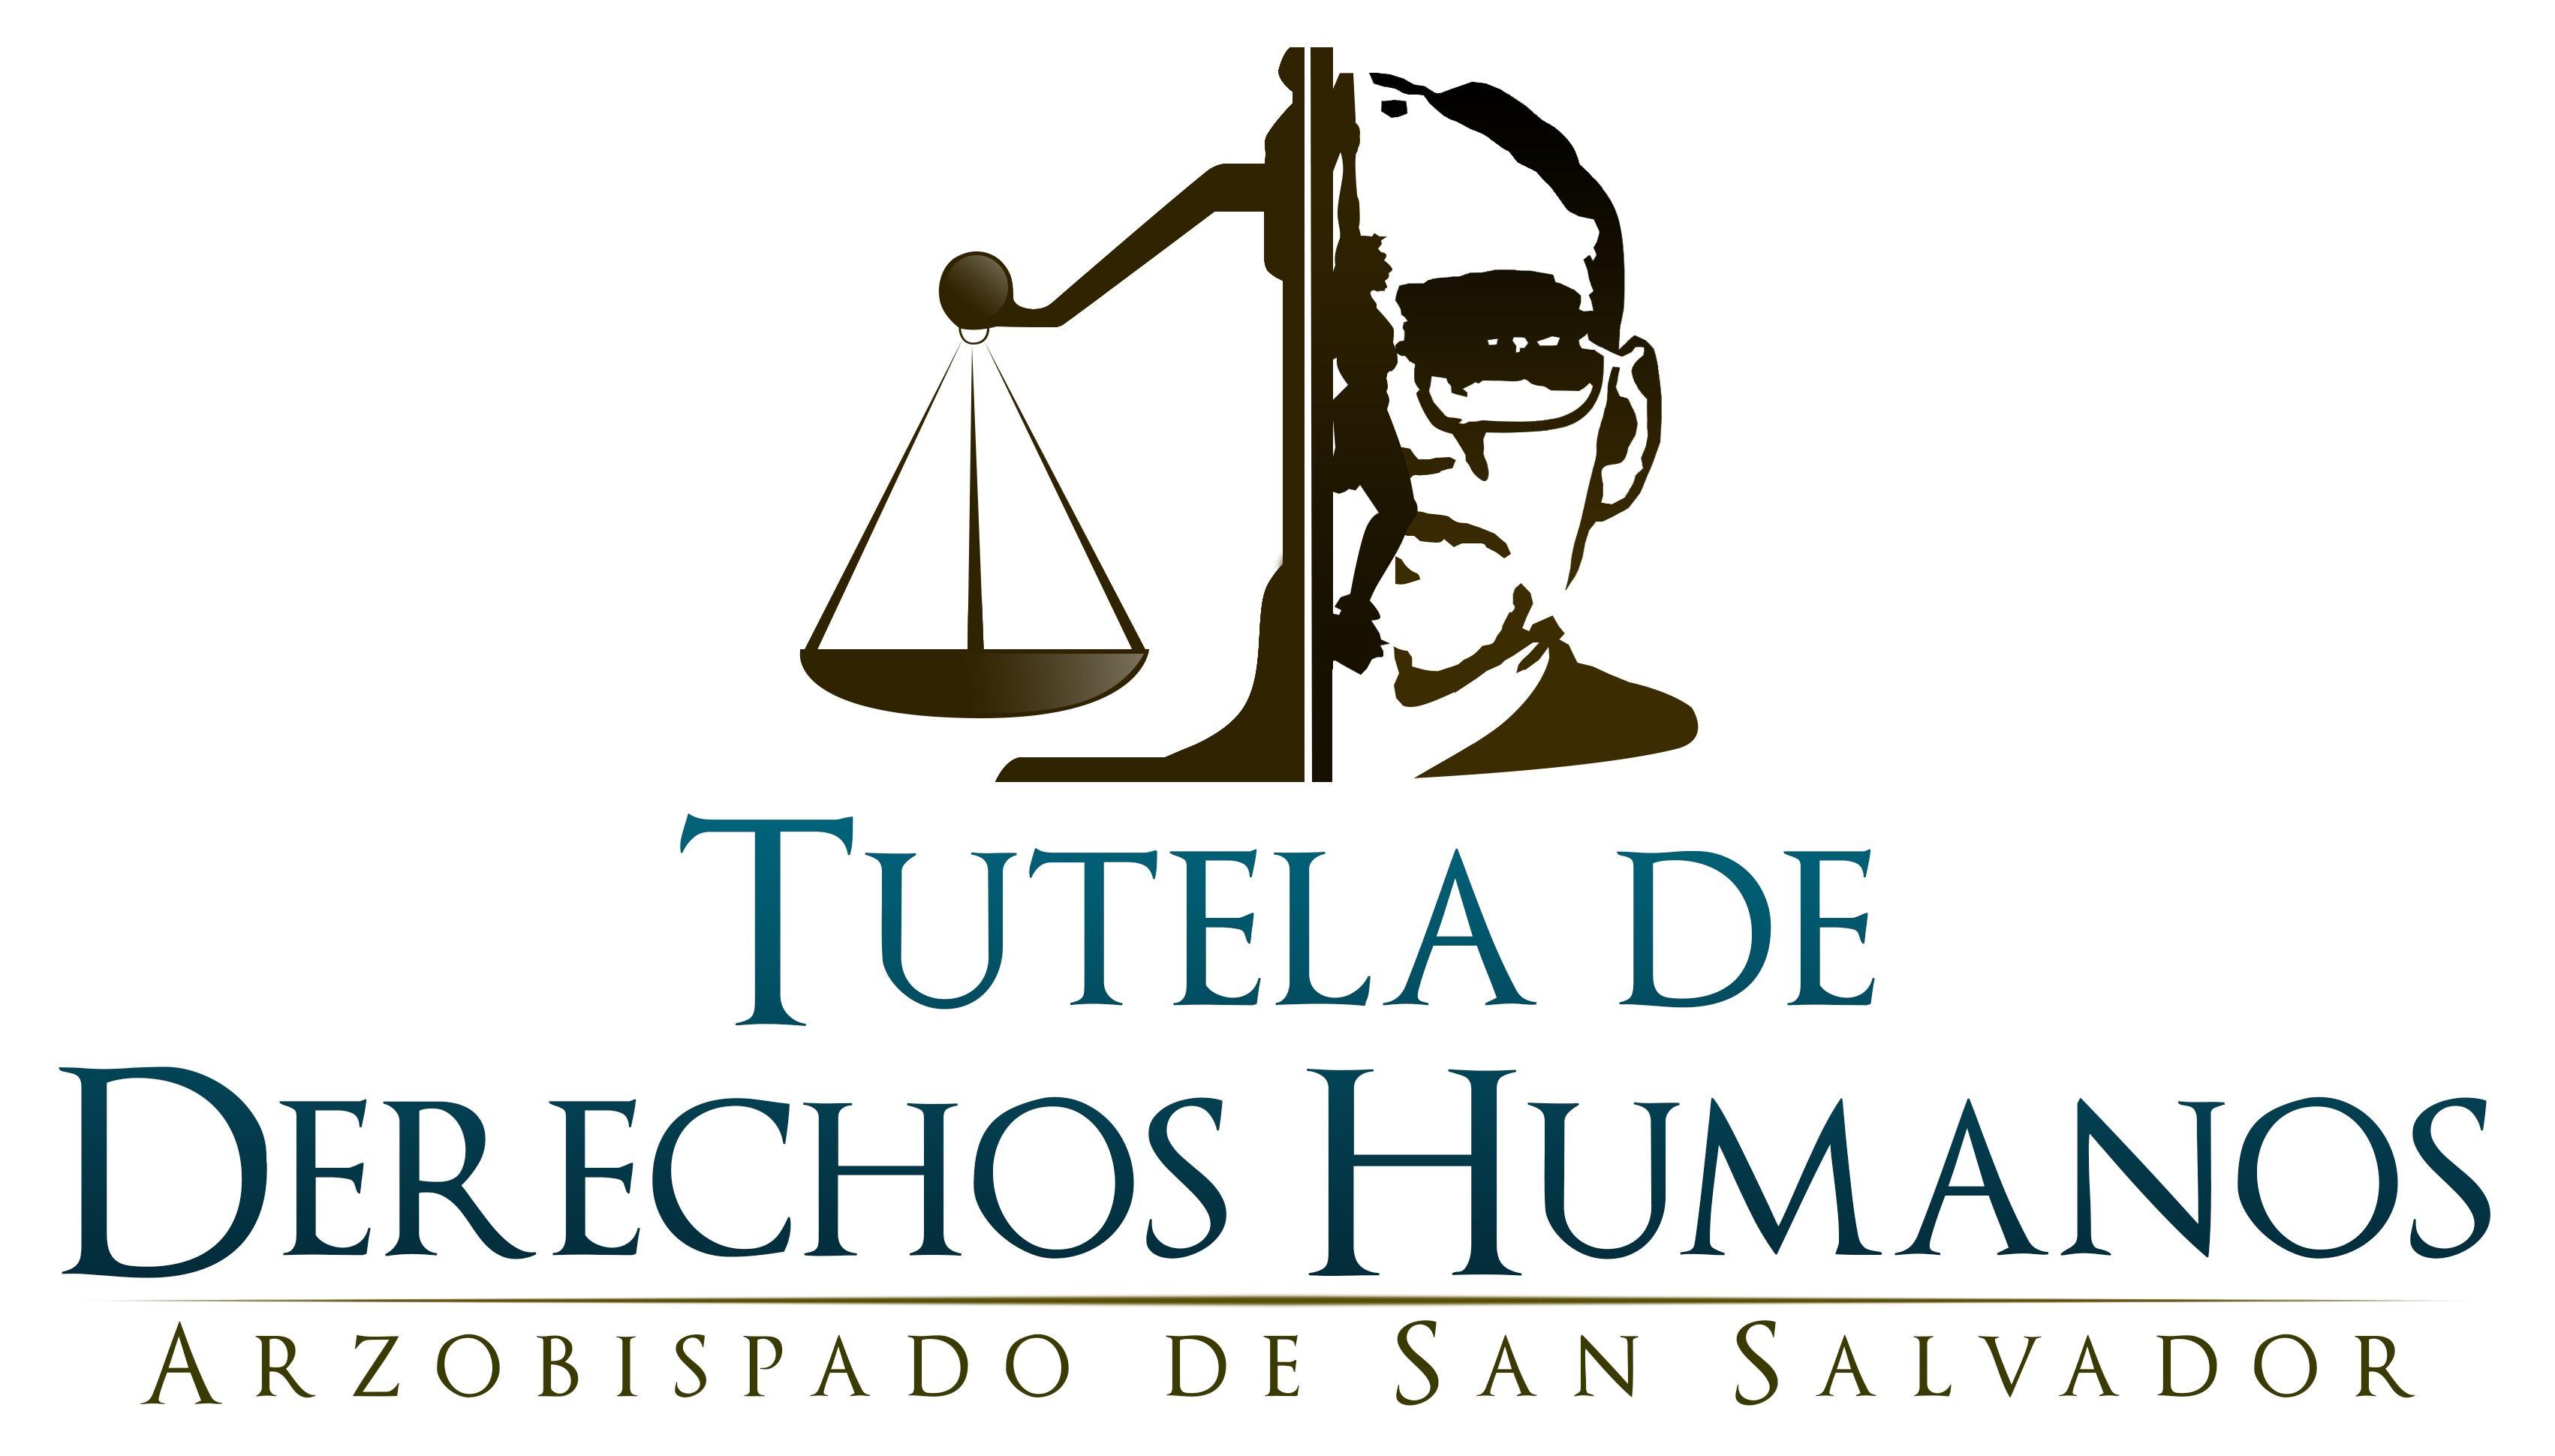 TUTELA DE DERECHOS HUMANOS ARZOBISPADO DE SAN SALVADOR